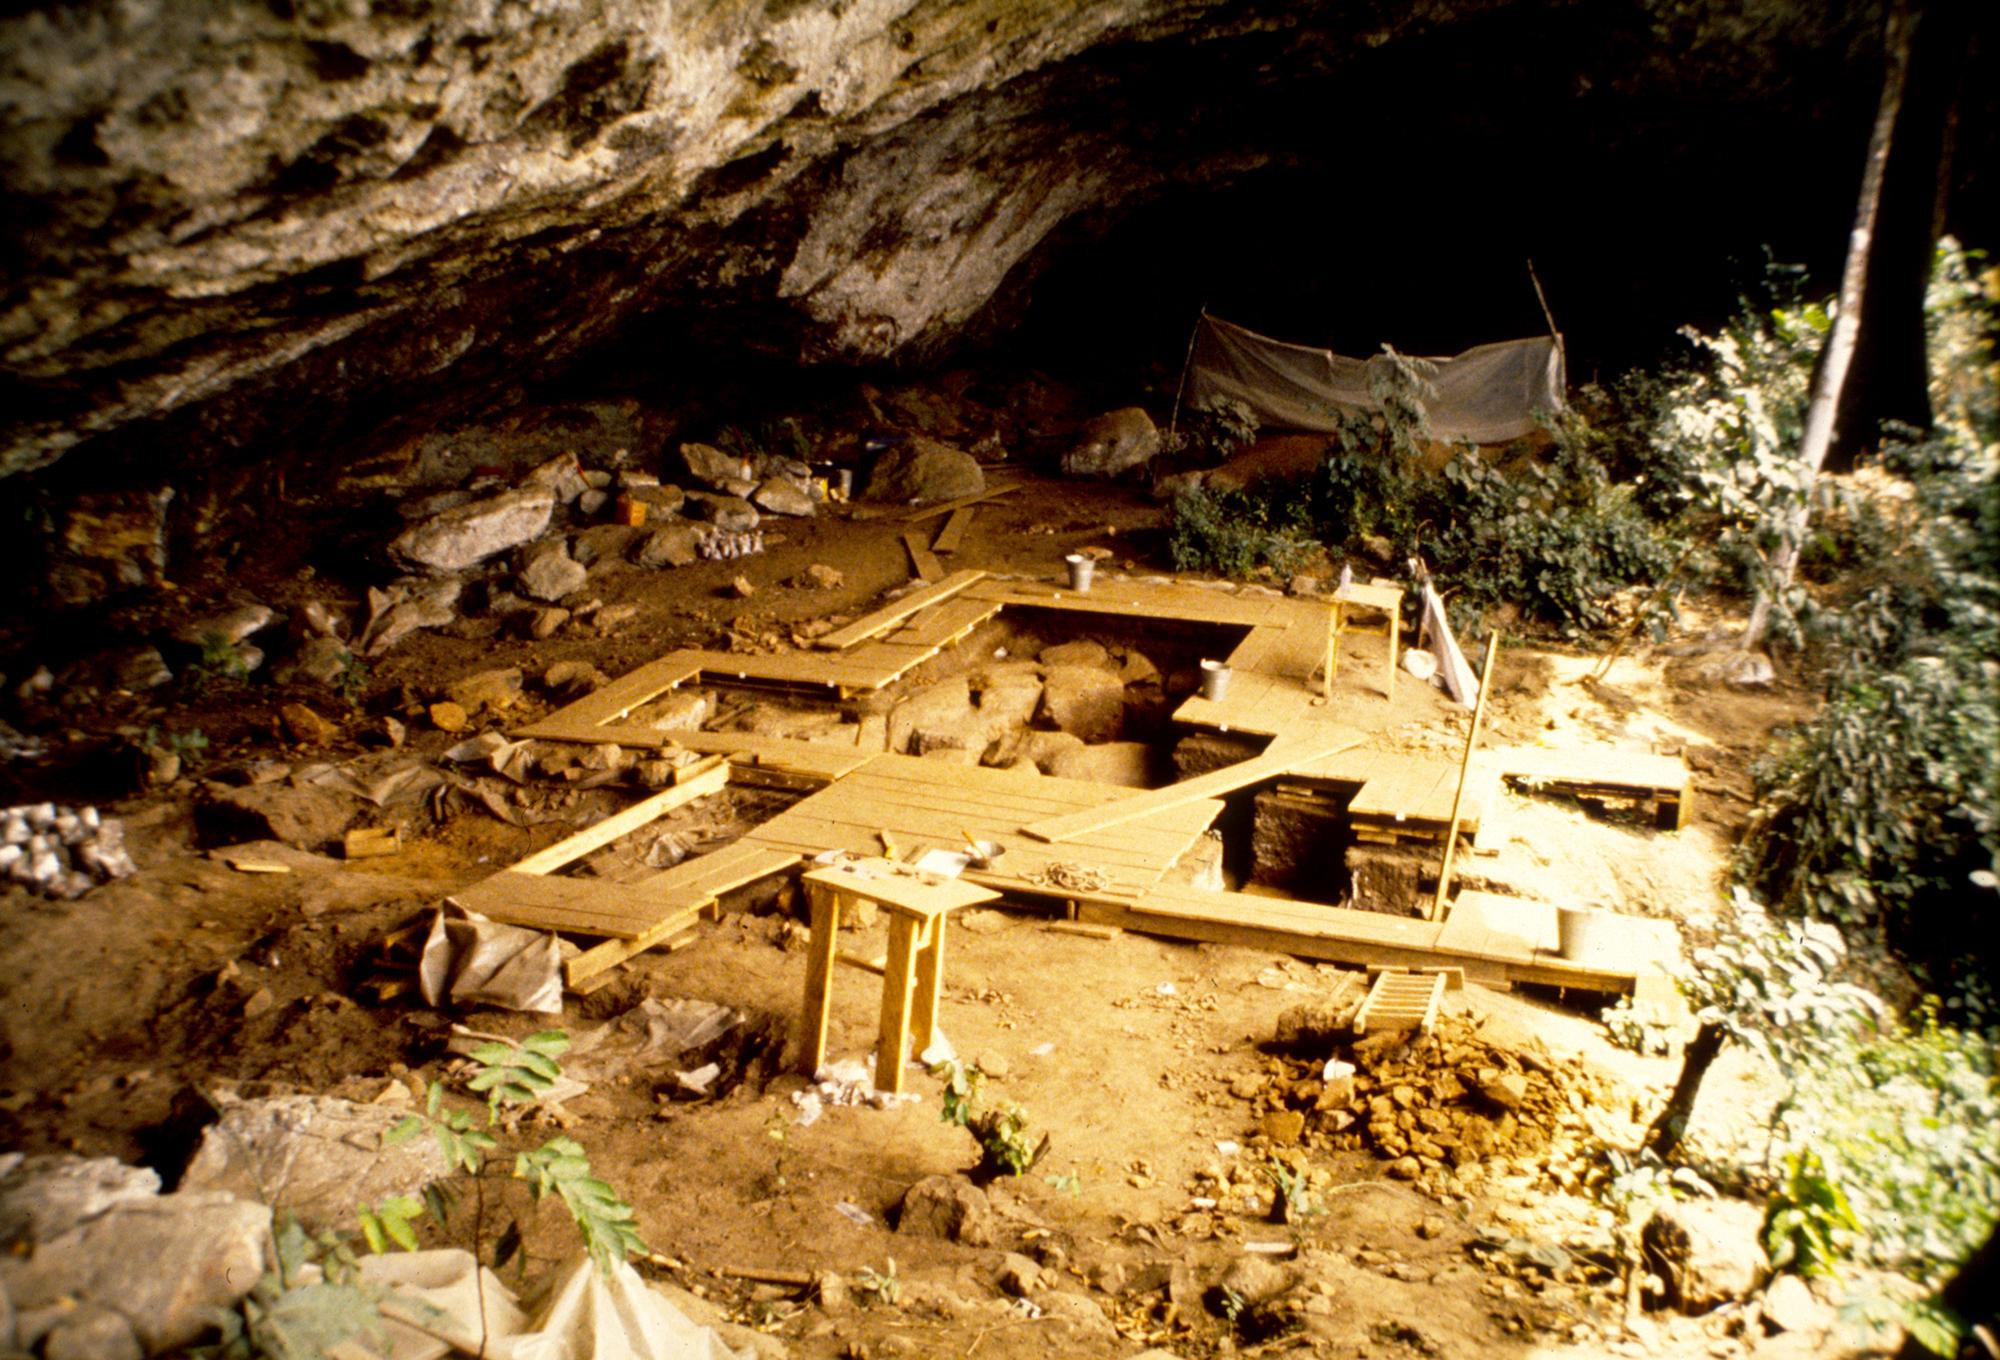 L'abri sous roche de Shum Laka au Cameroun.  Étonnamment, les anciens habitants de cet abri sous roche ne sont pas liés aux habitants de la région aujourd'hui.